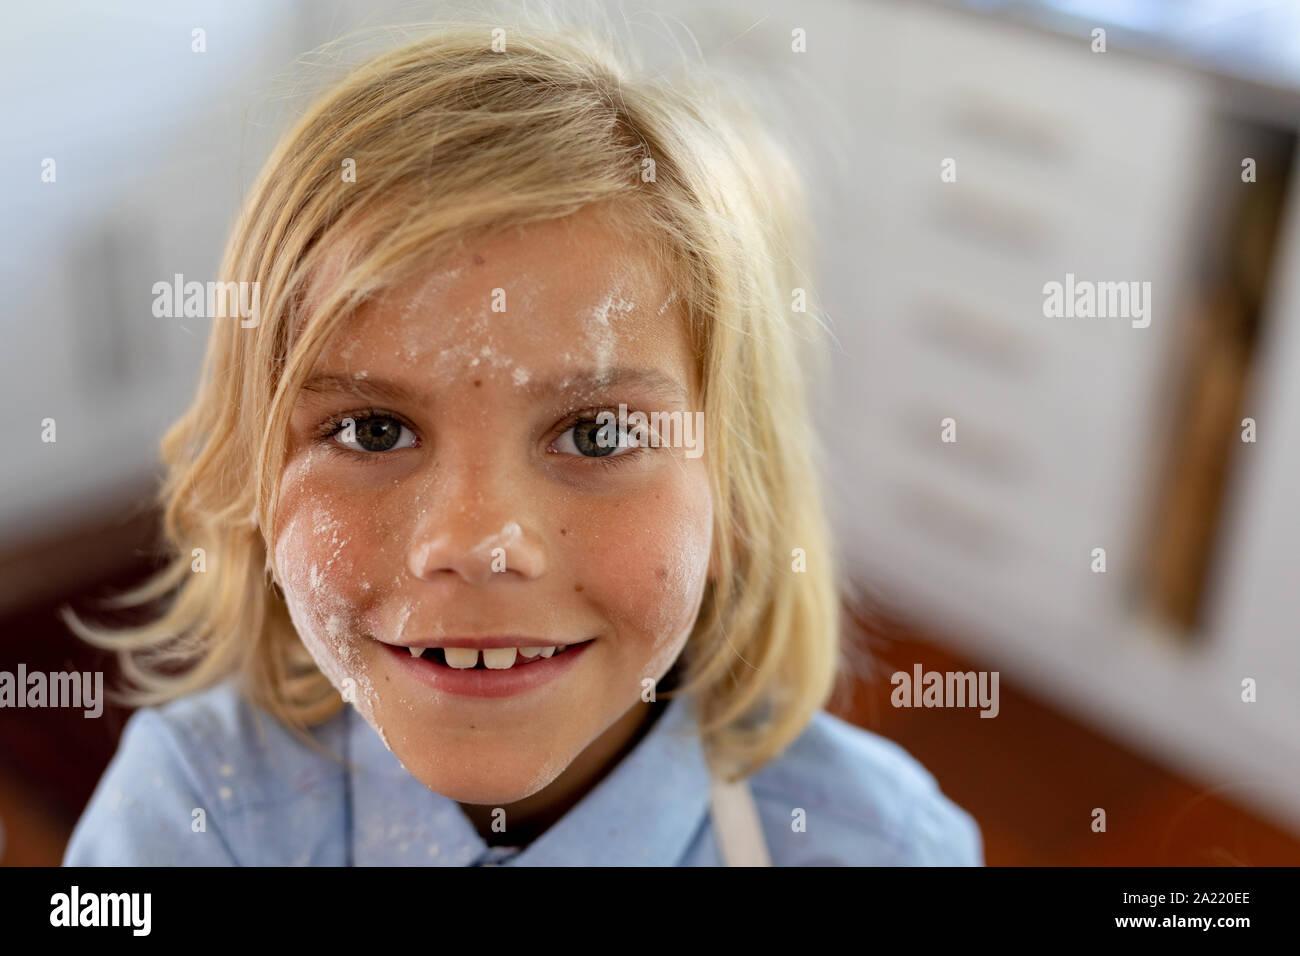 Boy making Christmas cookies à la maison Banque D'Images